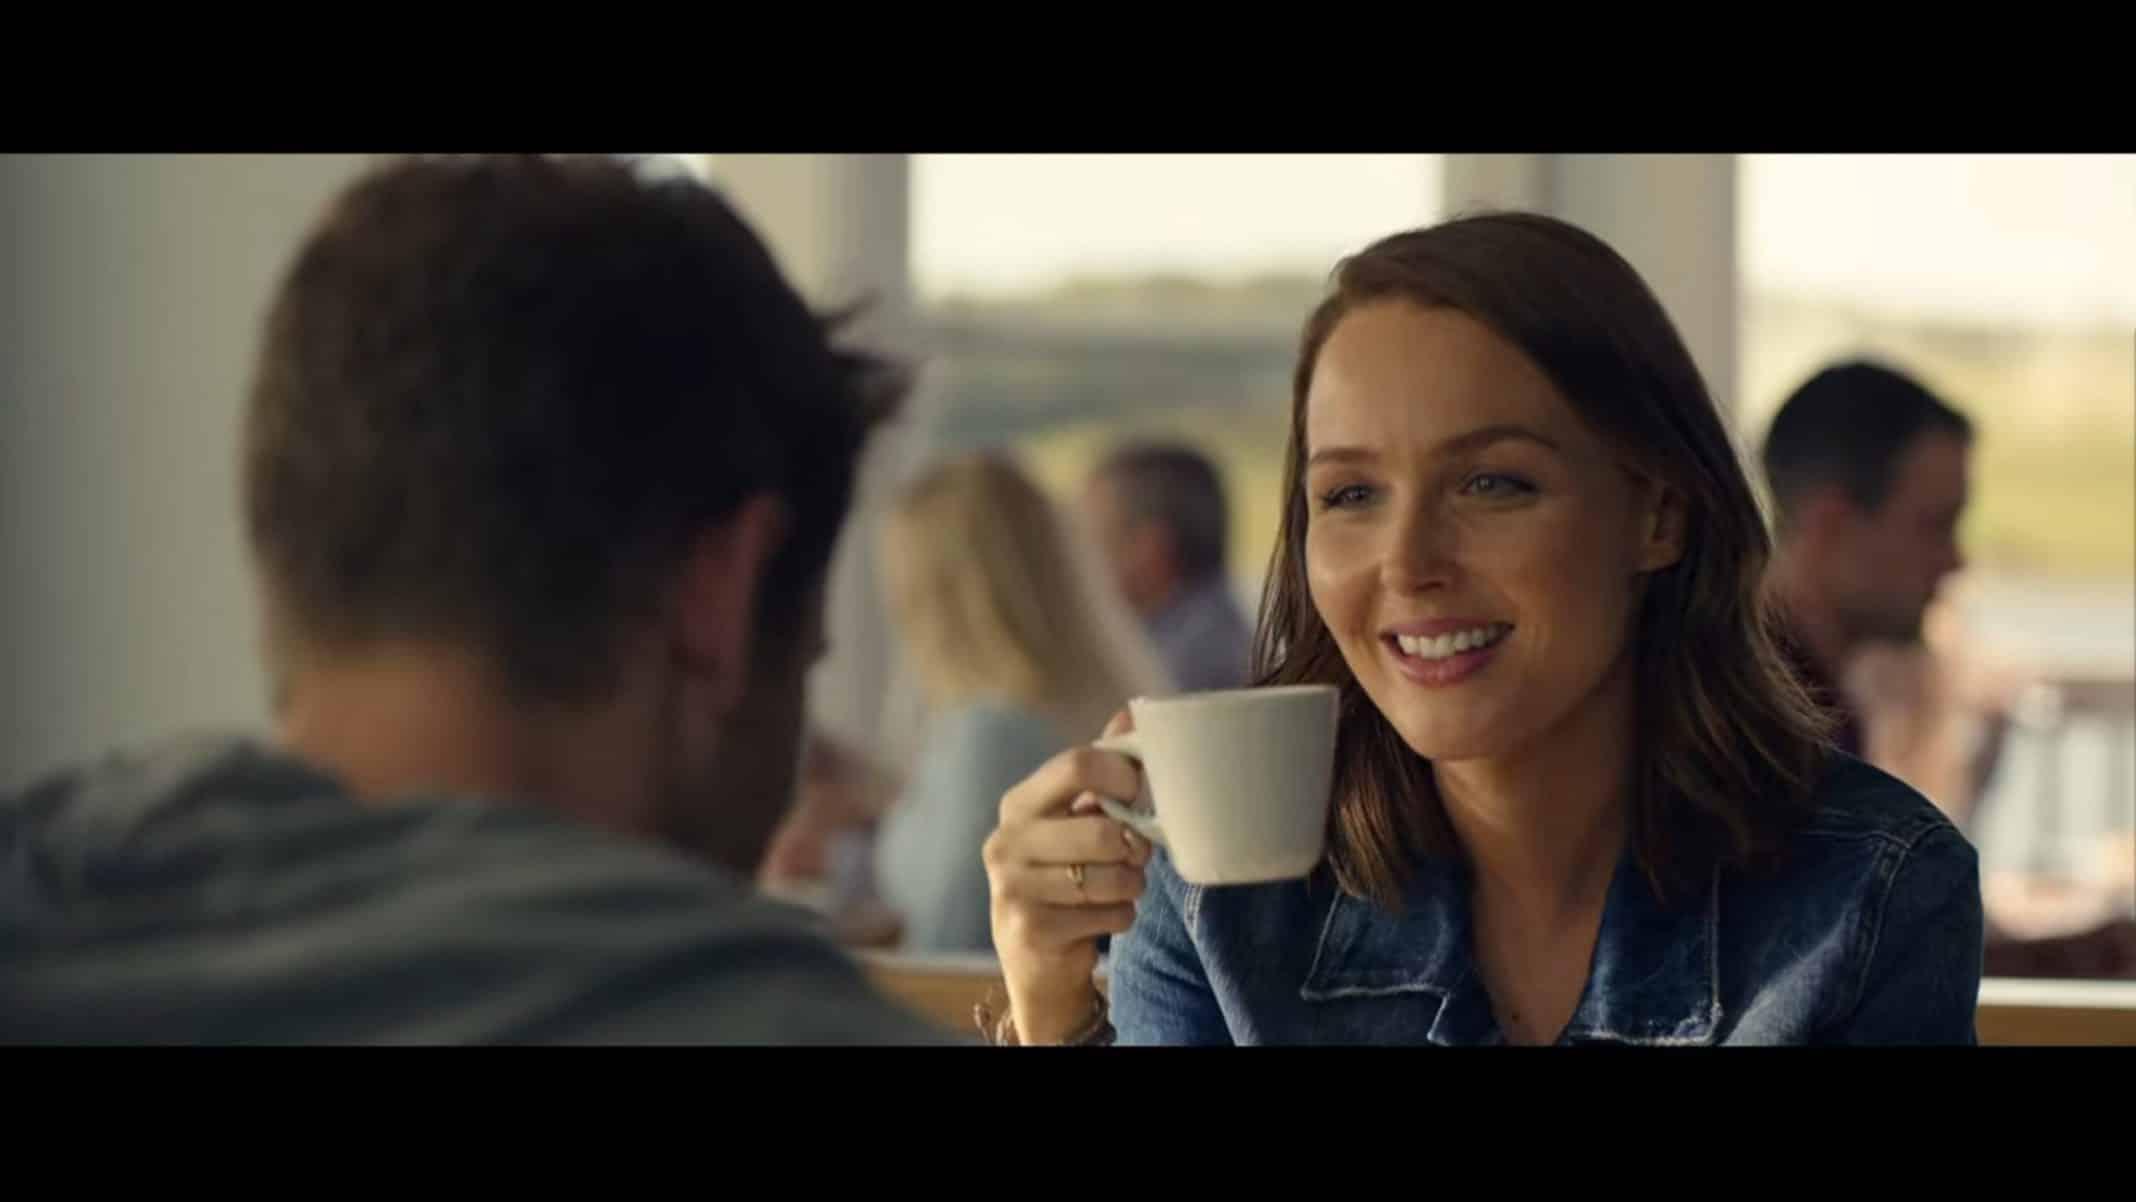 Cecilia (Camilla Luddington) having breakfast with Alec.